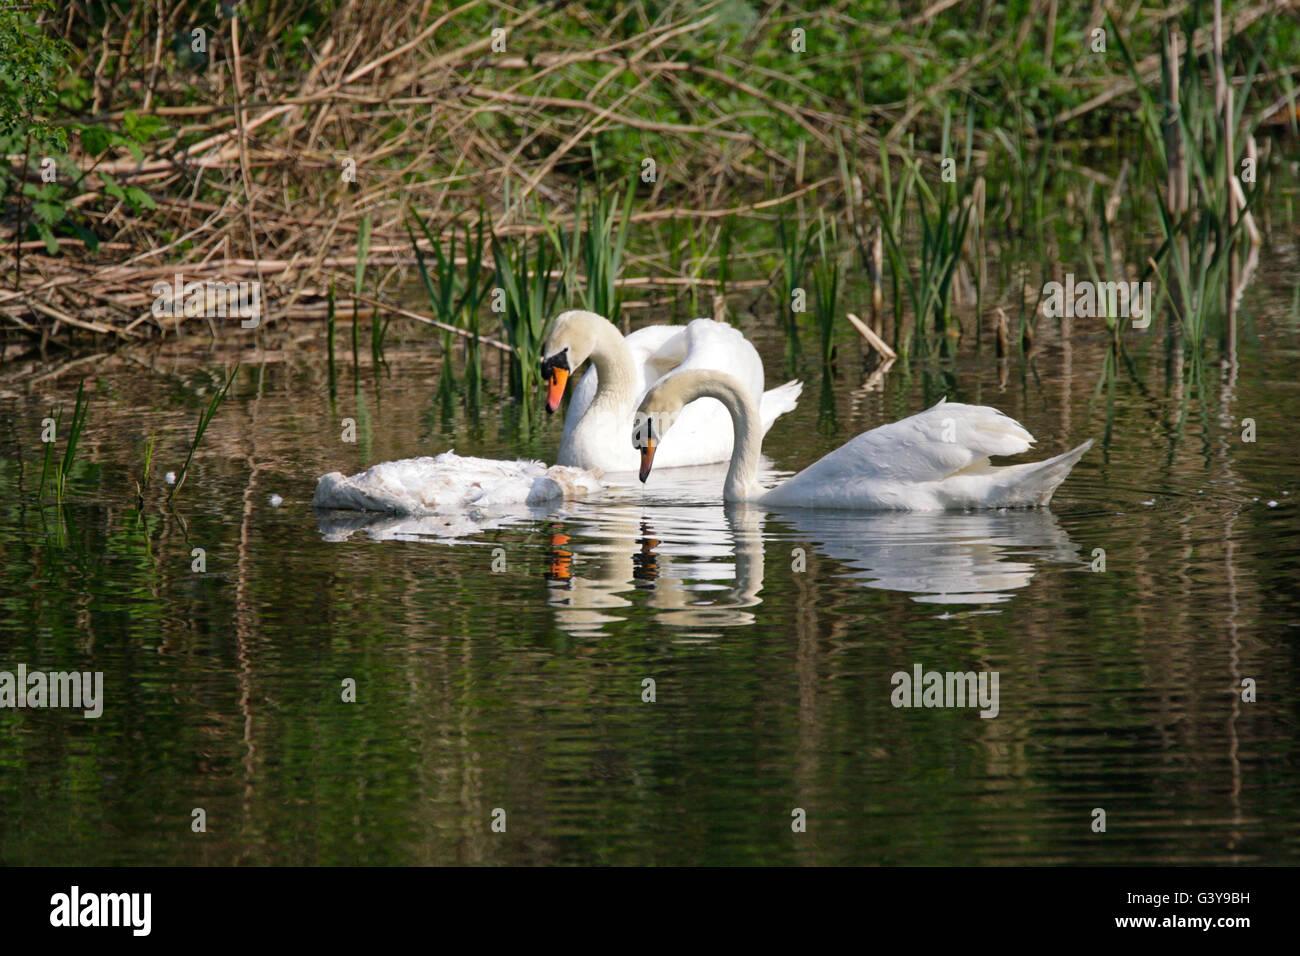 Mute Swan, Cygnus olor, adult pair looking at dead swan in river. Taken May. Lea Valley, Essex, UK. - Stock Image